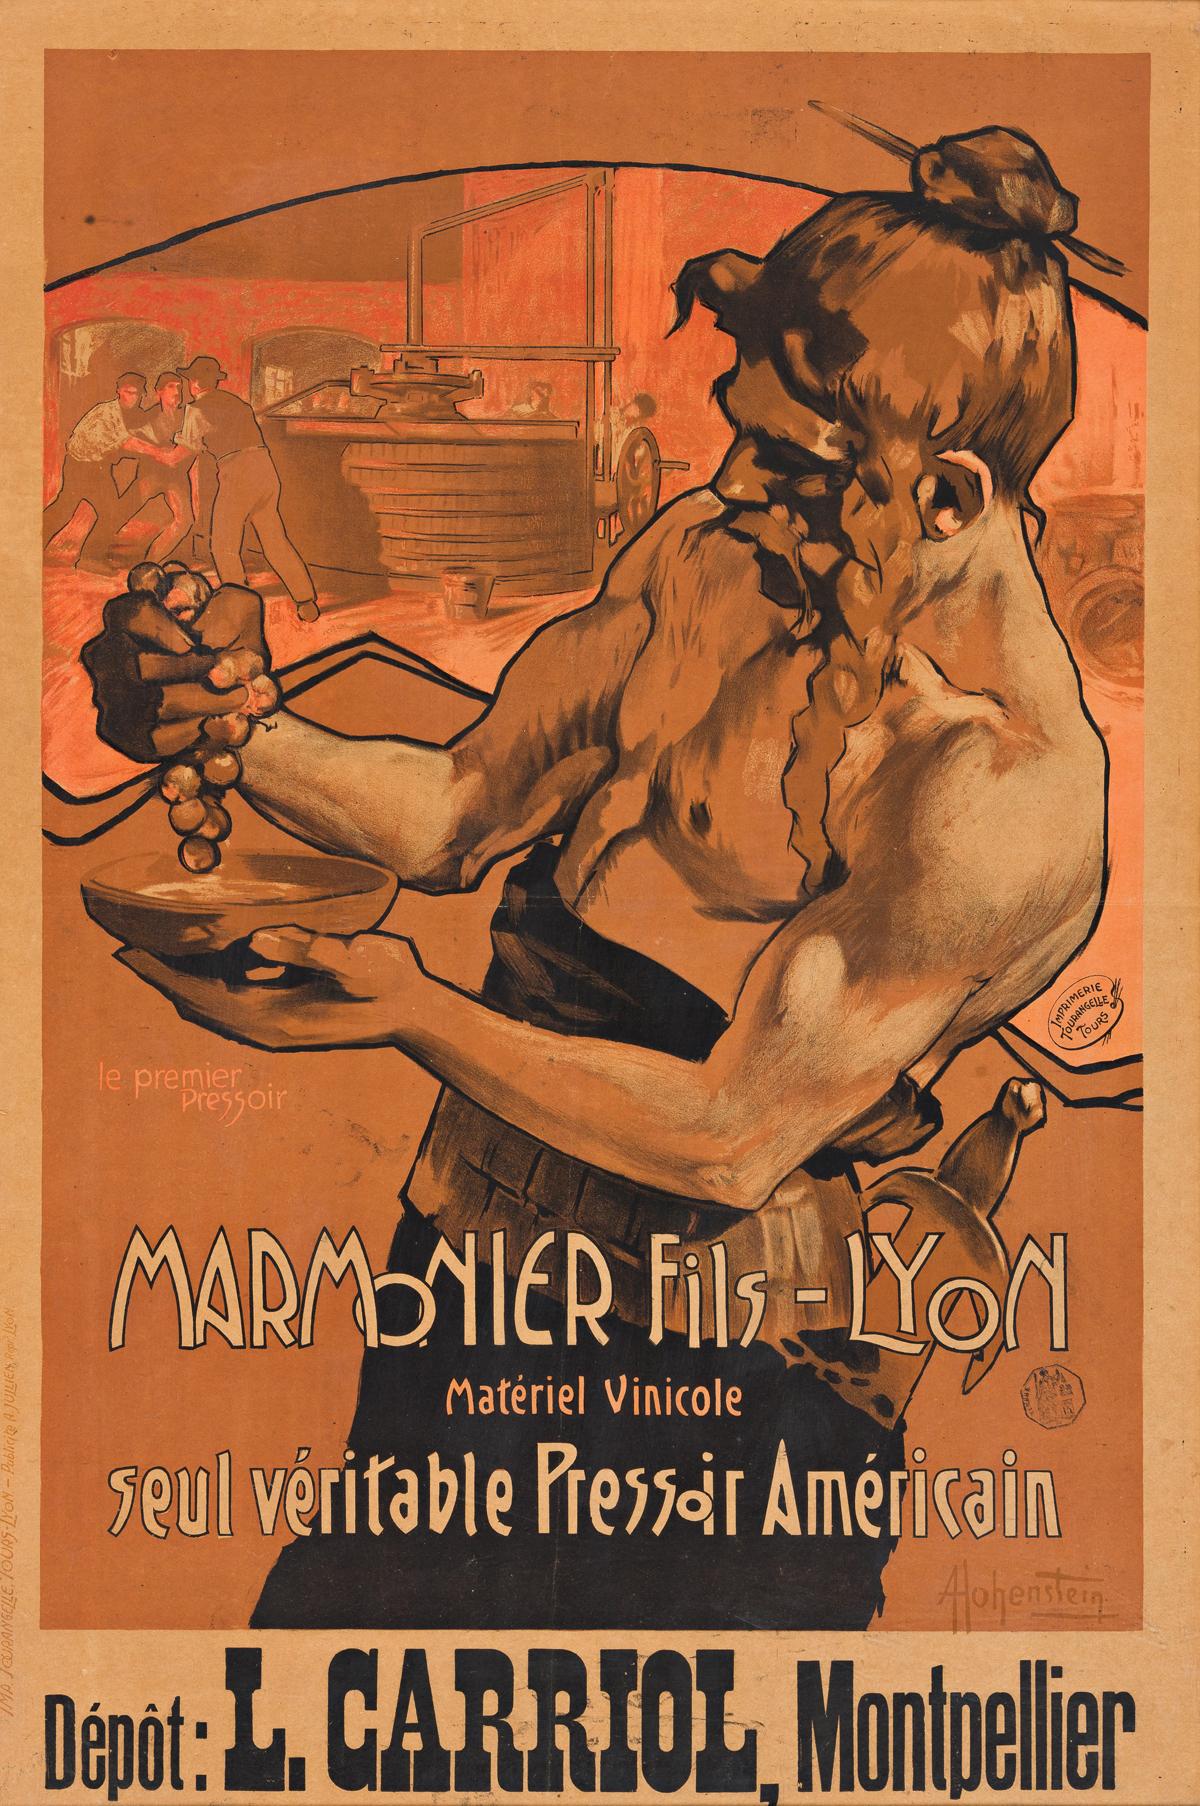 ADOLFO HOHENSTEIN (1854-1928).  MARMONIER FILS - LYON. Circa 1900. 34x22 inches, 86x57 cm. Tourangelle, Tours-Lyon.